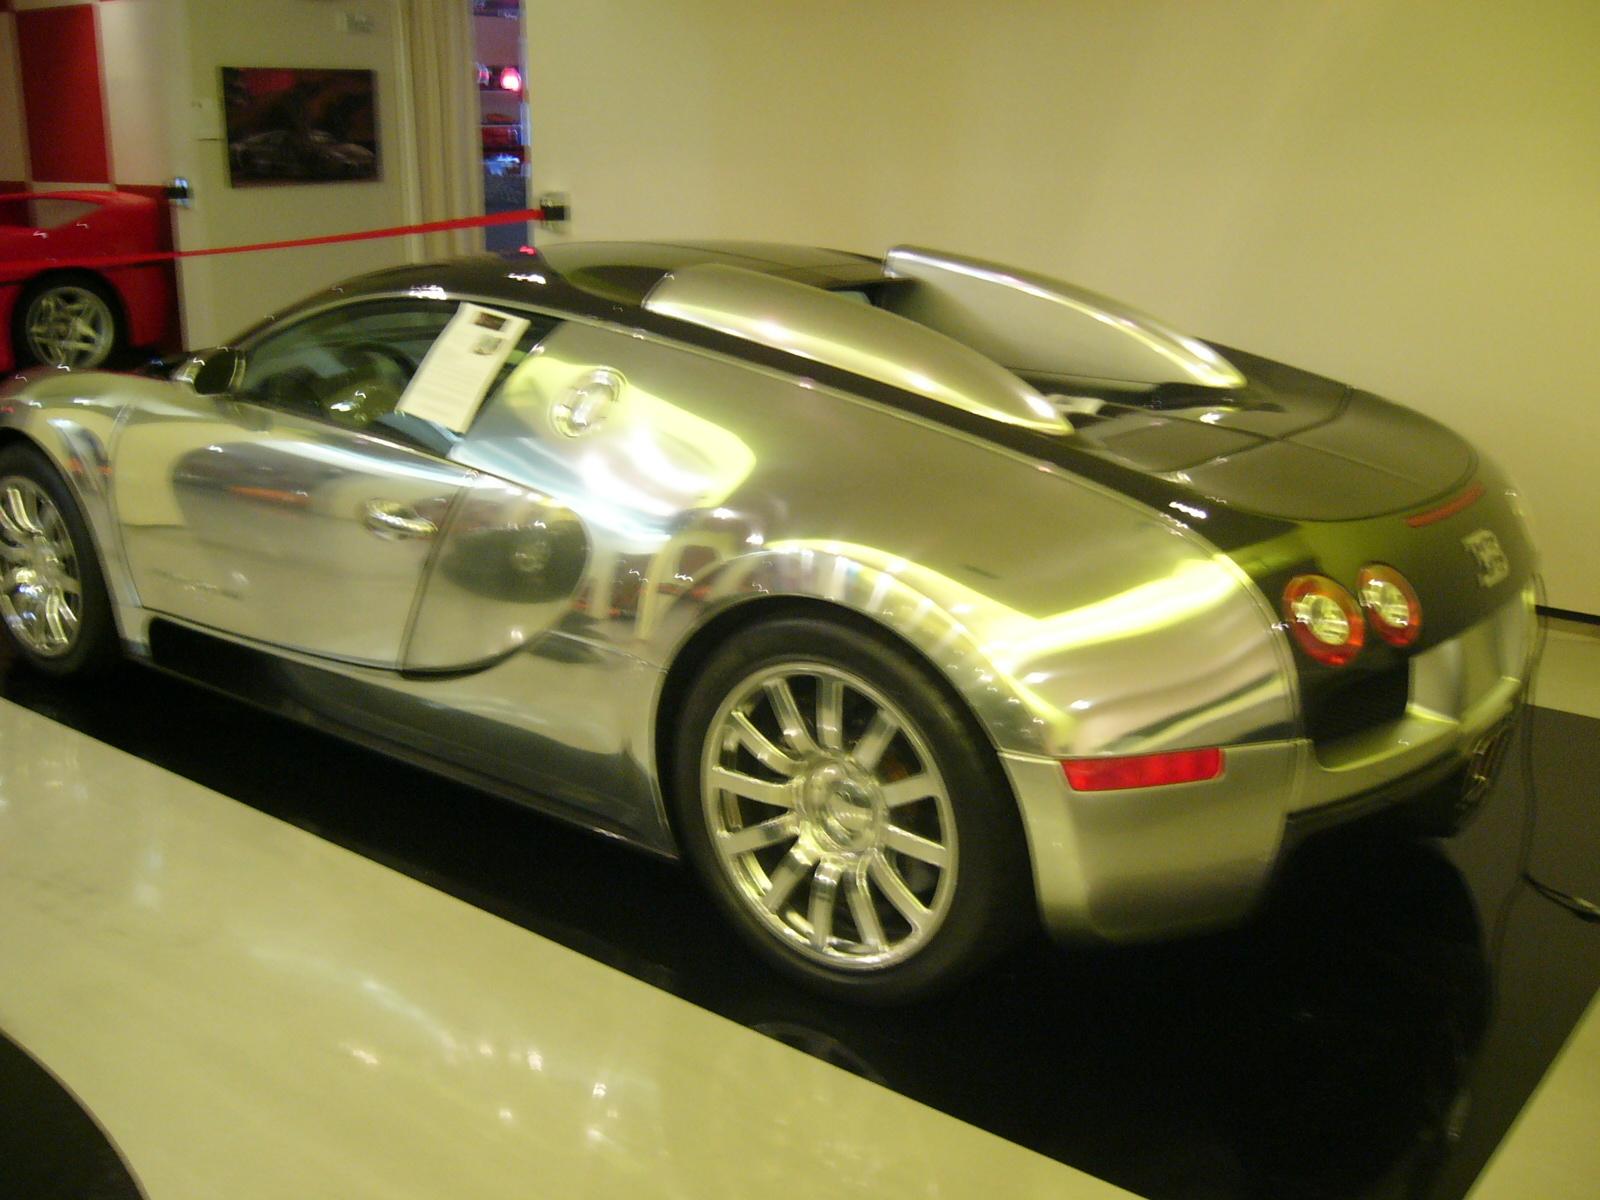 1920x1440 2006 bugatti veyron - photo #35